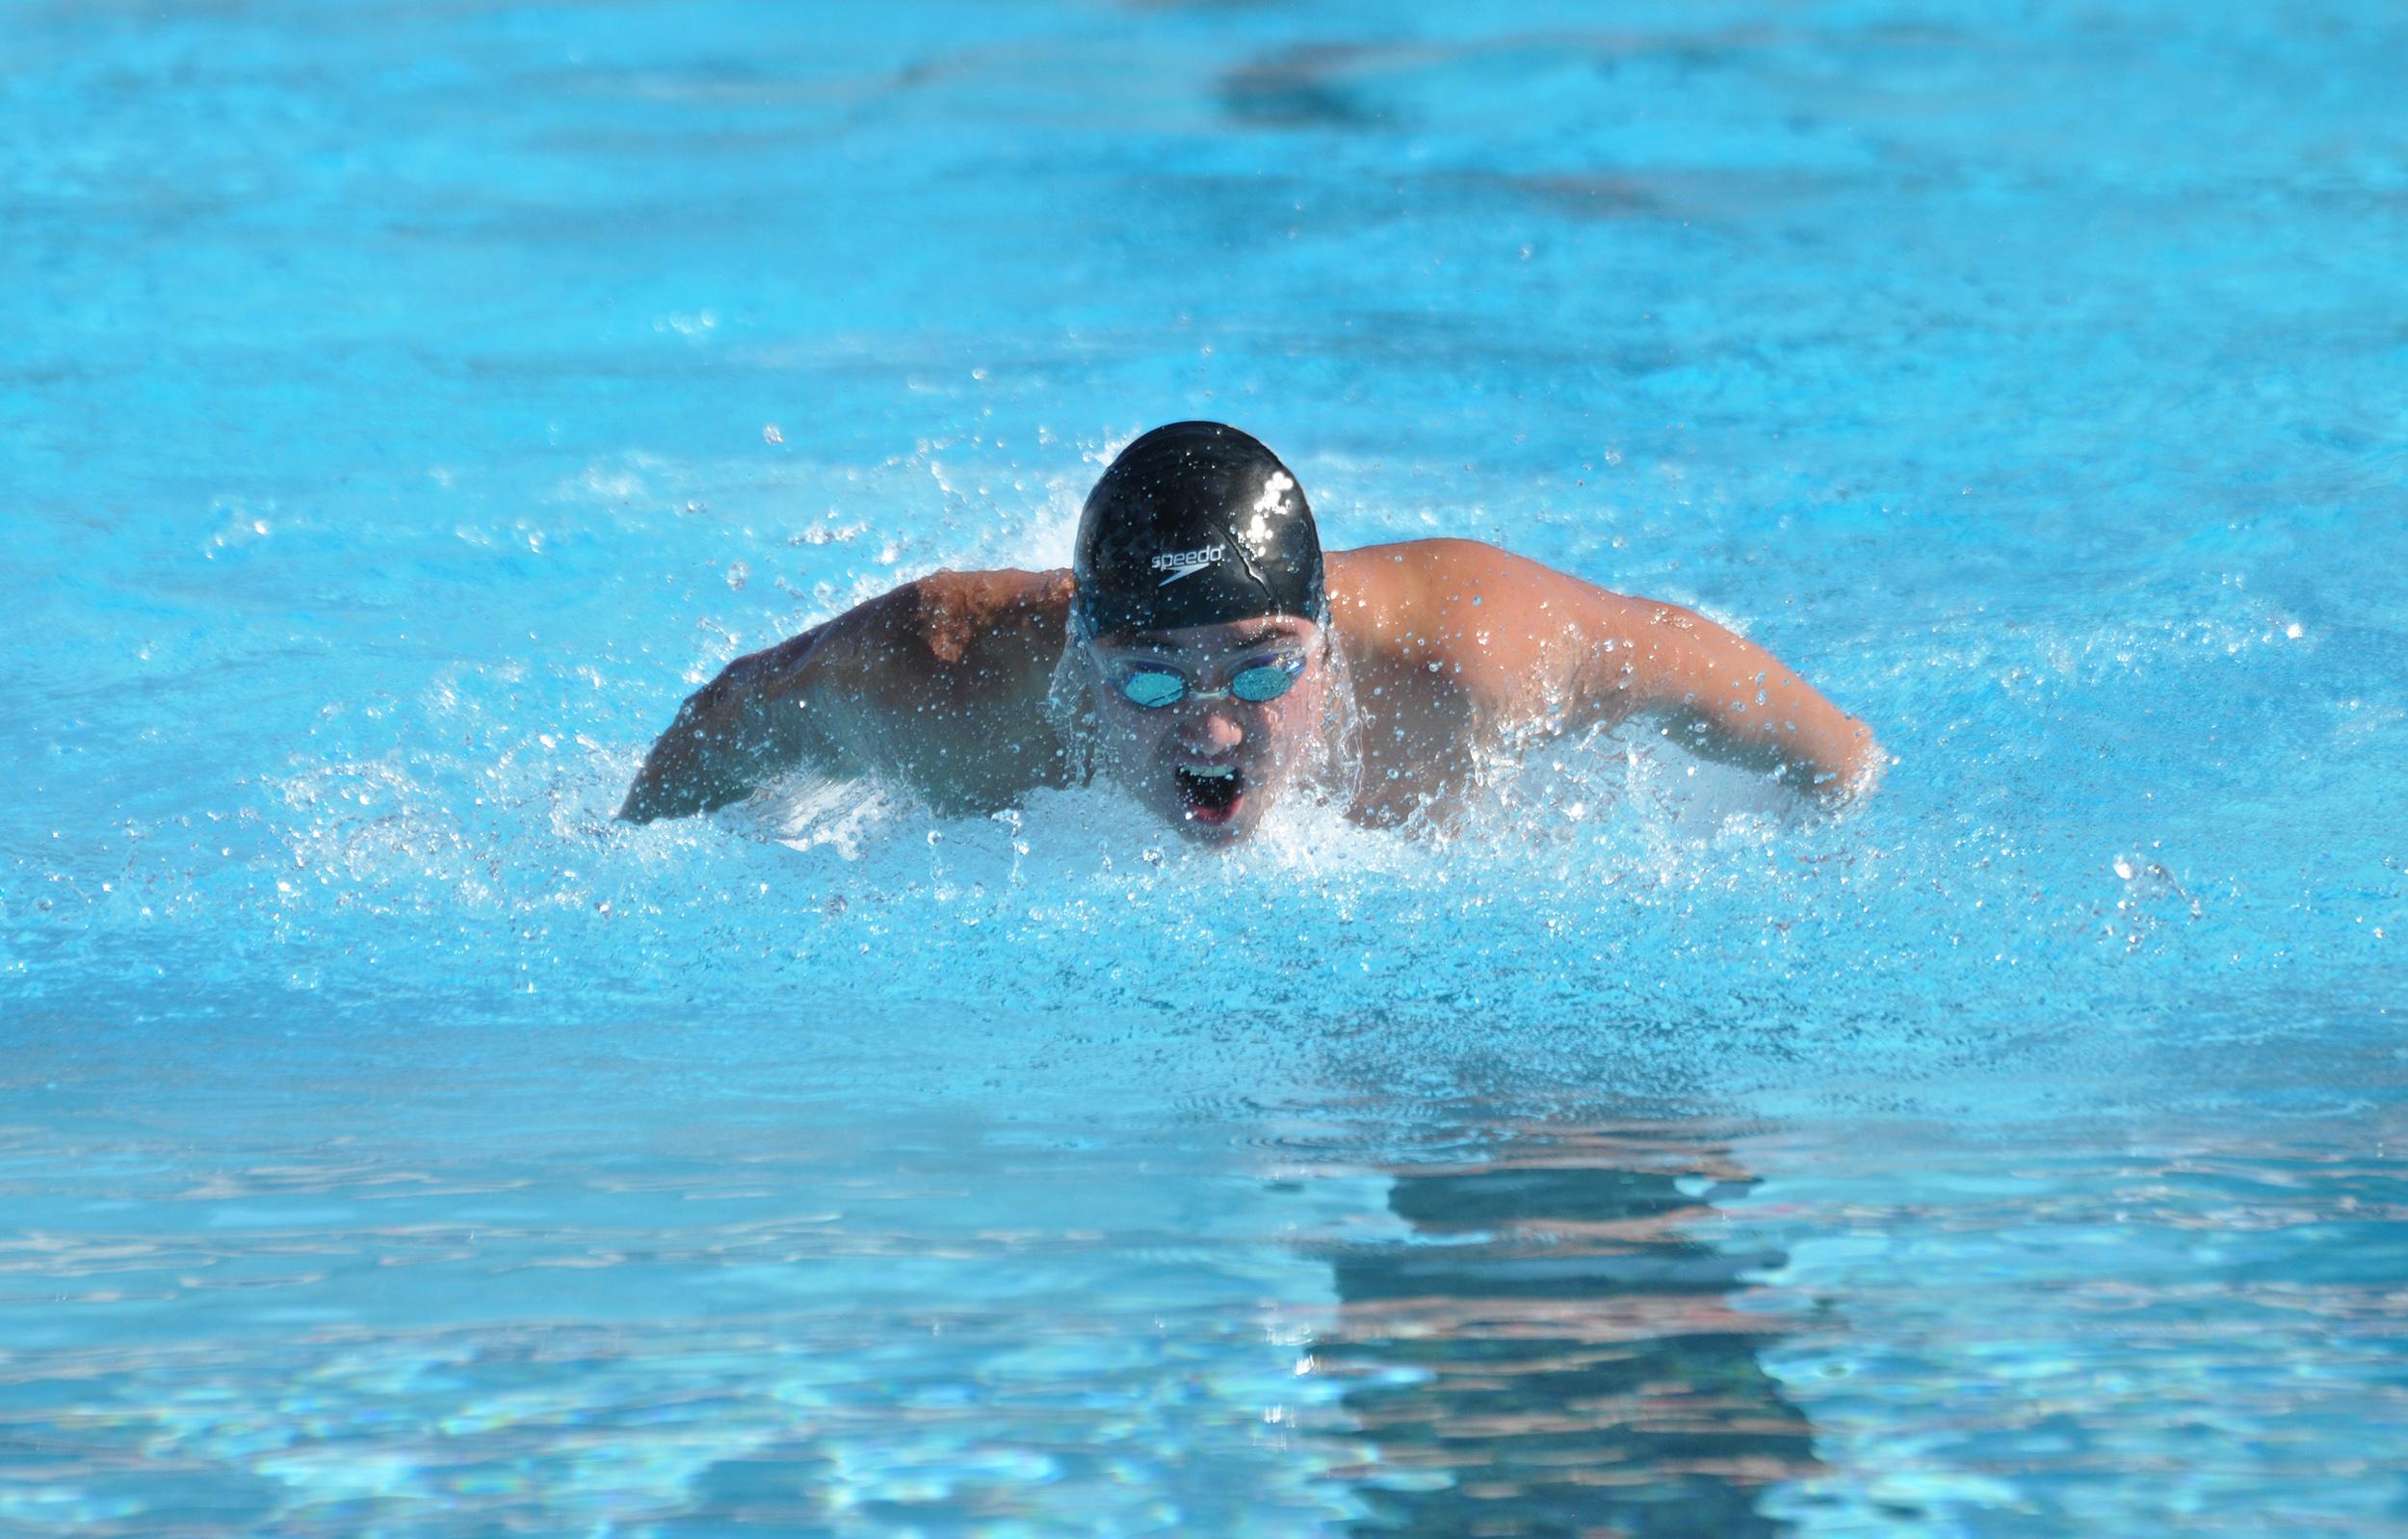 Image: Harvard transgender swimmer Schuyler Bailar